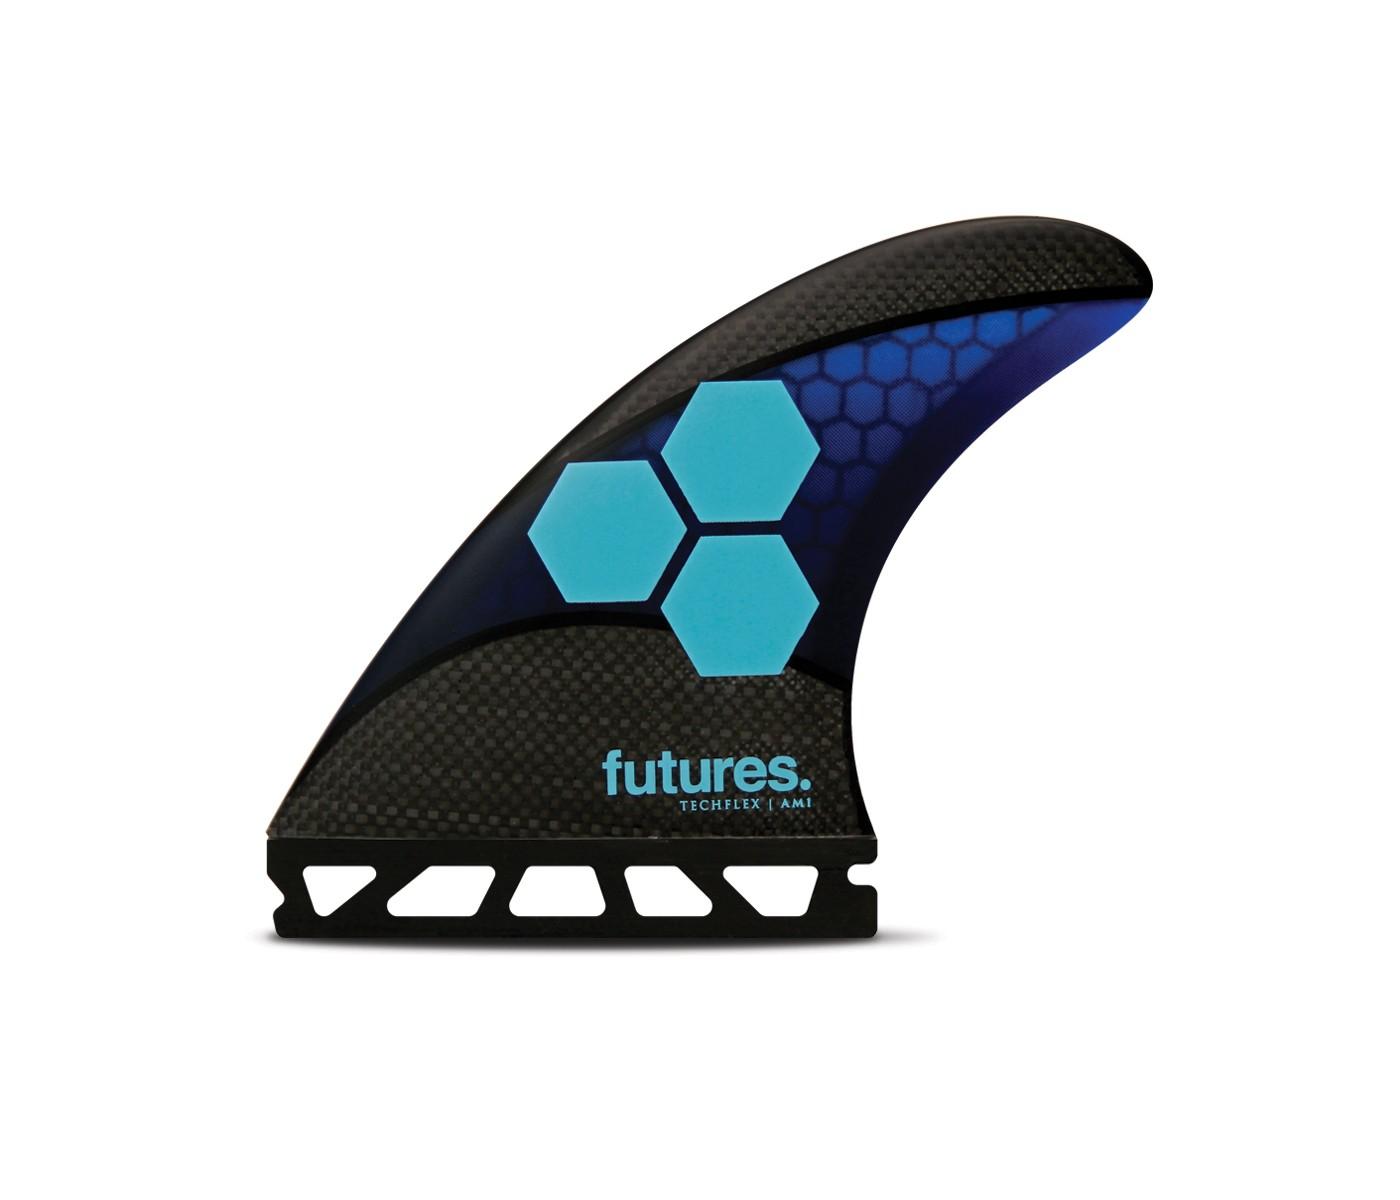 ロブマチャドやジョンジョンフローレンス、ジョディースミス等が愛用しているフューチャーフィン FUTURE FIN AM1 Techflex アルメリック モデル発売!